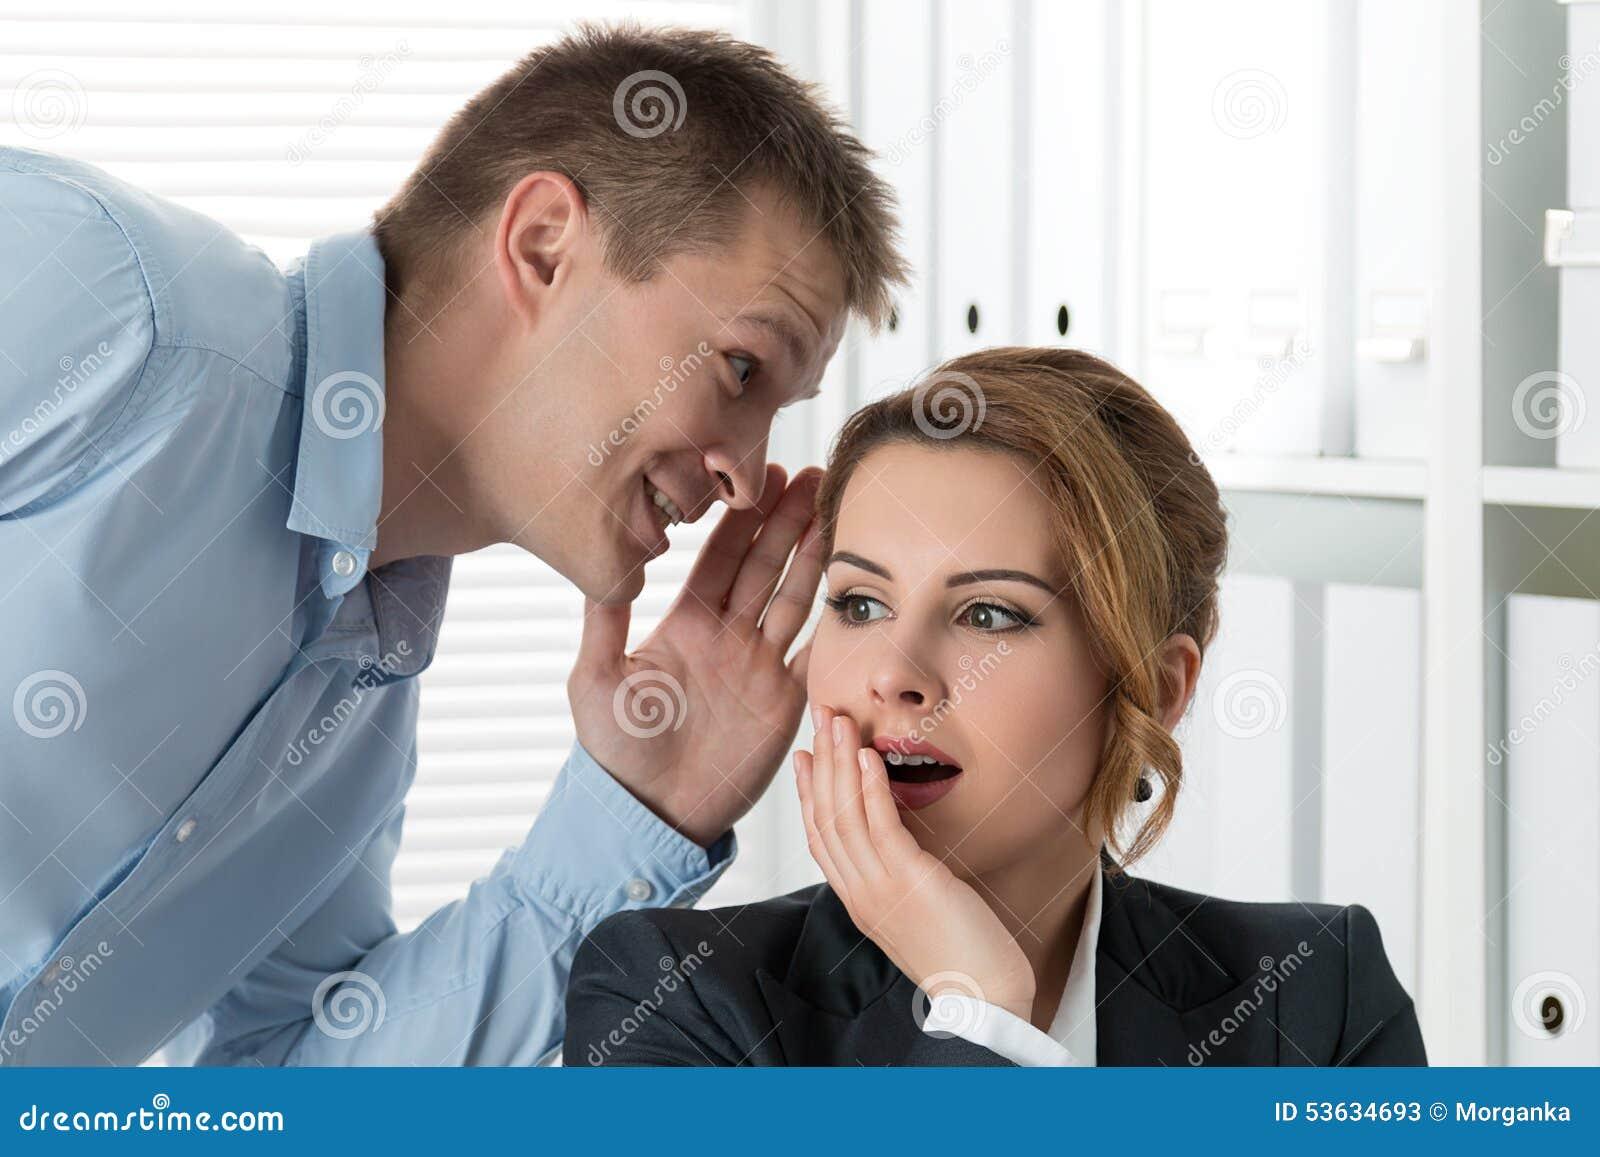 Die besten Tipps zum Arbeitskollegin erobern - Flirt University